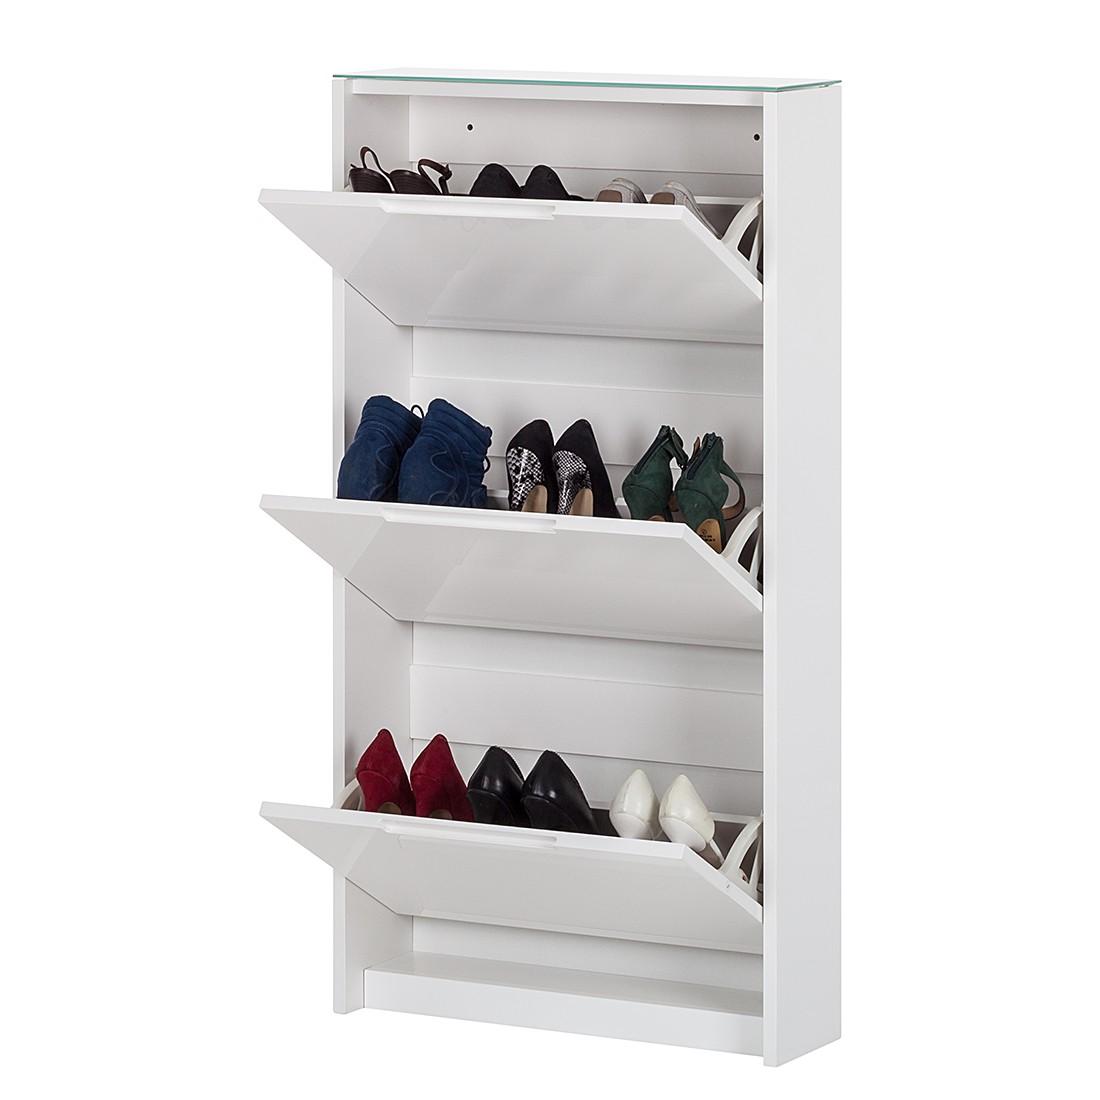 schuhkipper wei hochglanz fabulous schuhkipper weiss hochglanz light schuhkipper weiss. Black Bedroom Furniture Sets. Home Design Ideas